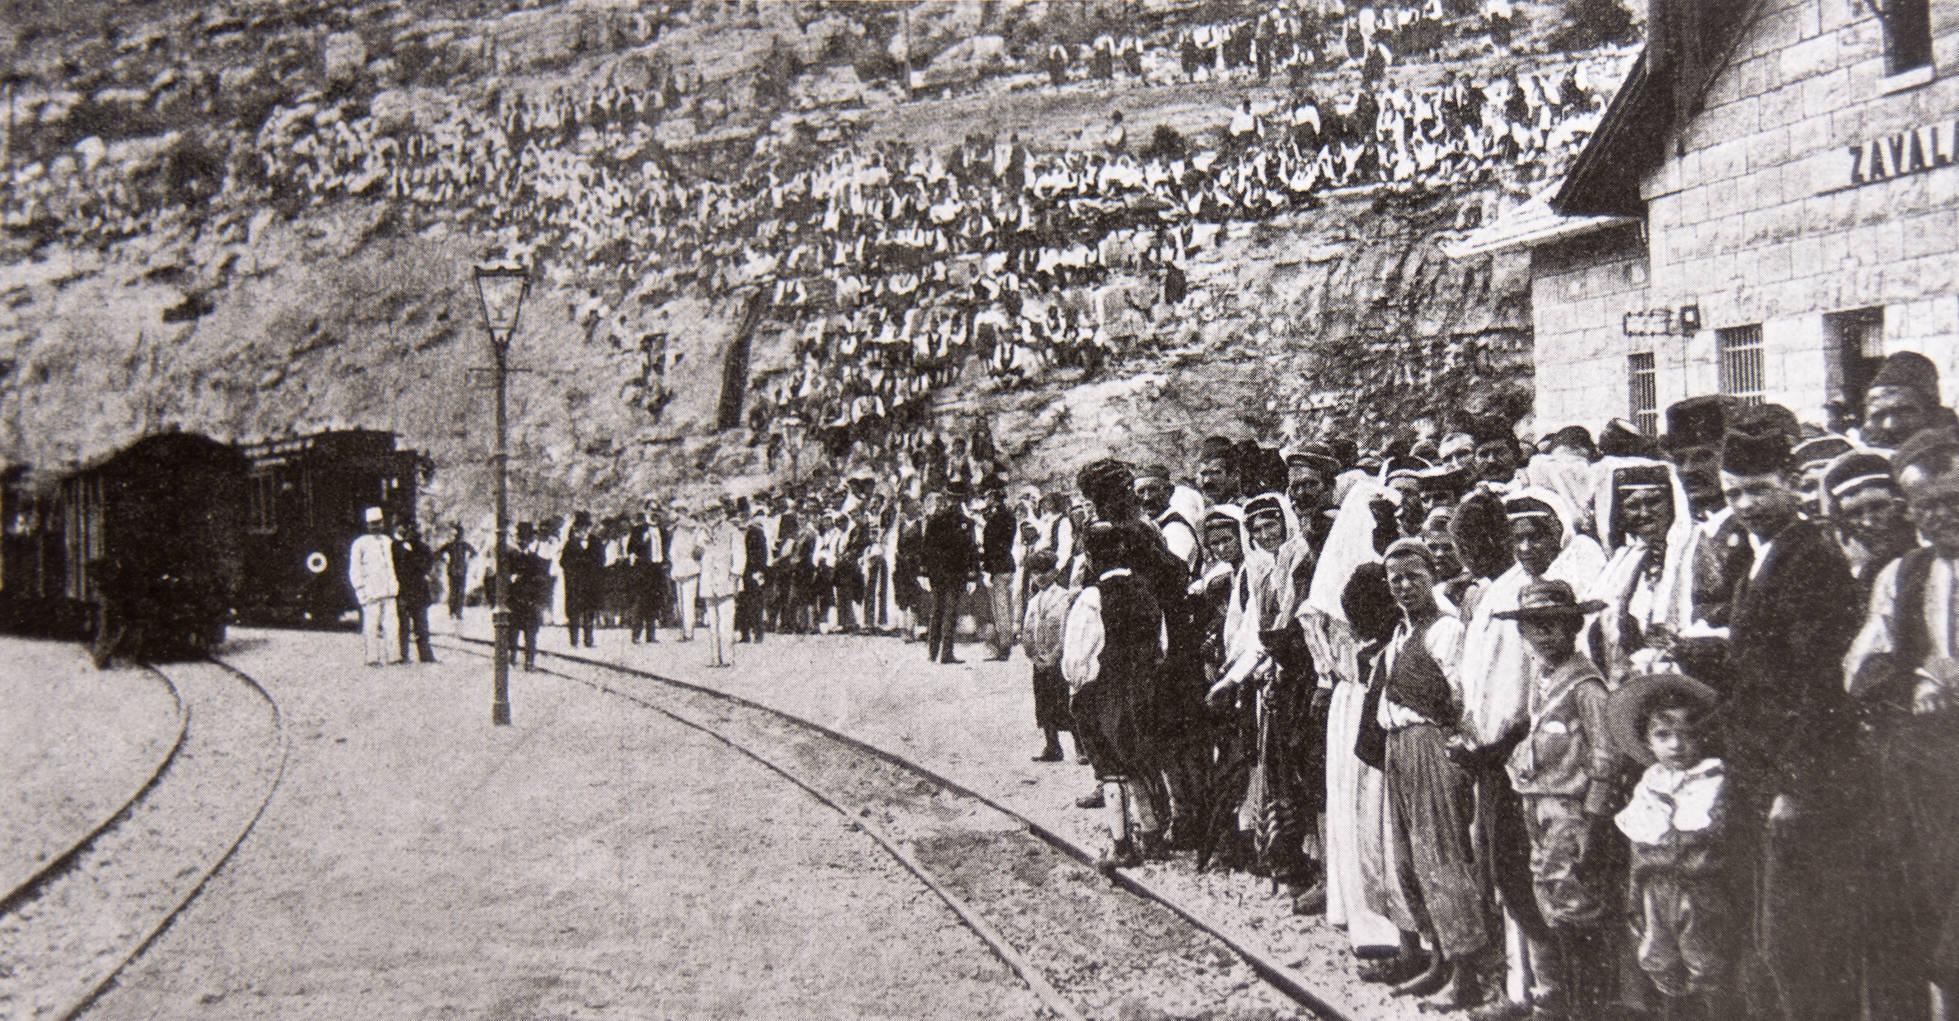 """1901 erwarteten die Menschen die erste Ankunft des Zuges. [Alle historischen Aufnahmen stammen aus dem Buch """"Pruge koje su život značile"""" von Stanislava Vukorepa.]"""